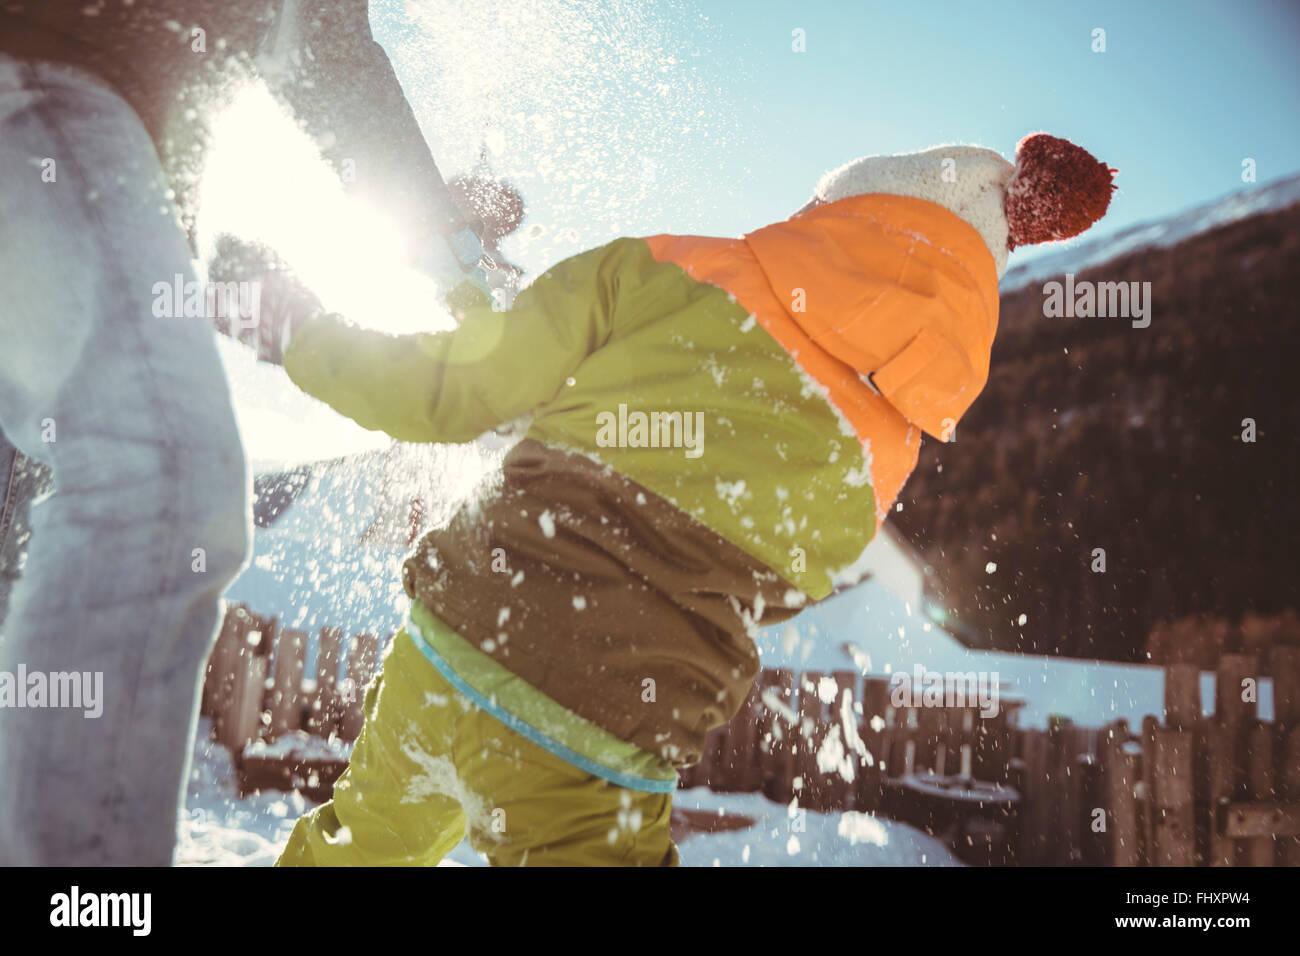 Italien, Val Venosta, Slingia, Vater und Sohn haben eine Schneeballschlacht Stockfoto